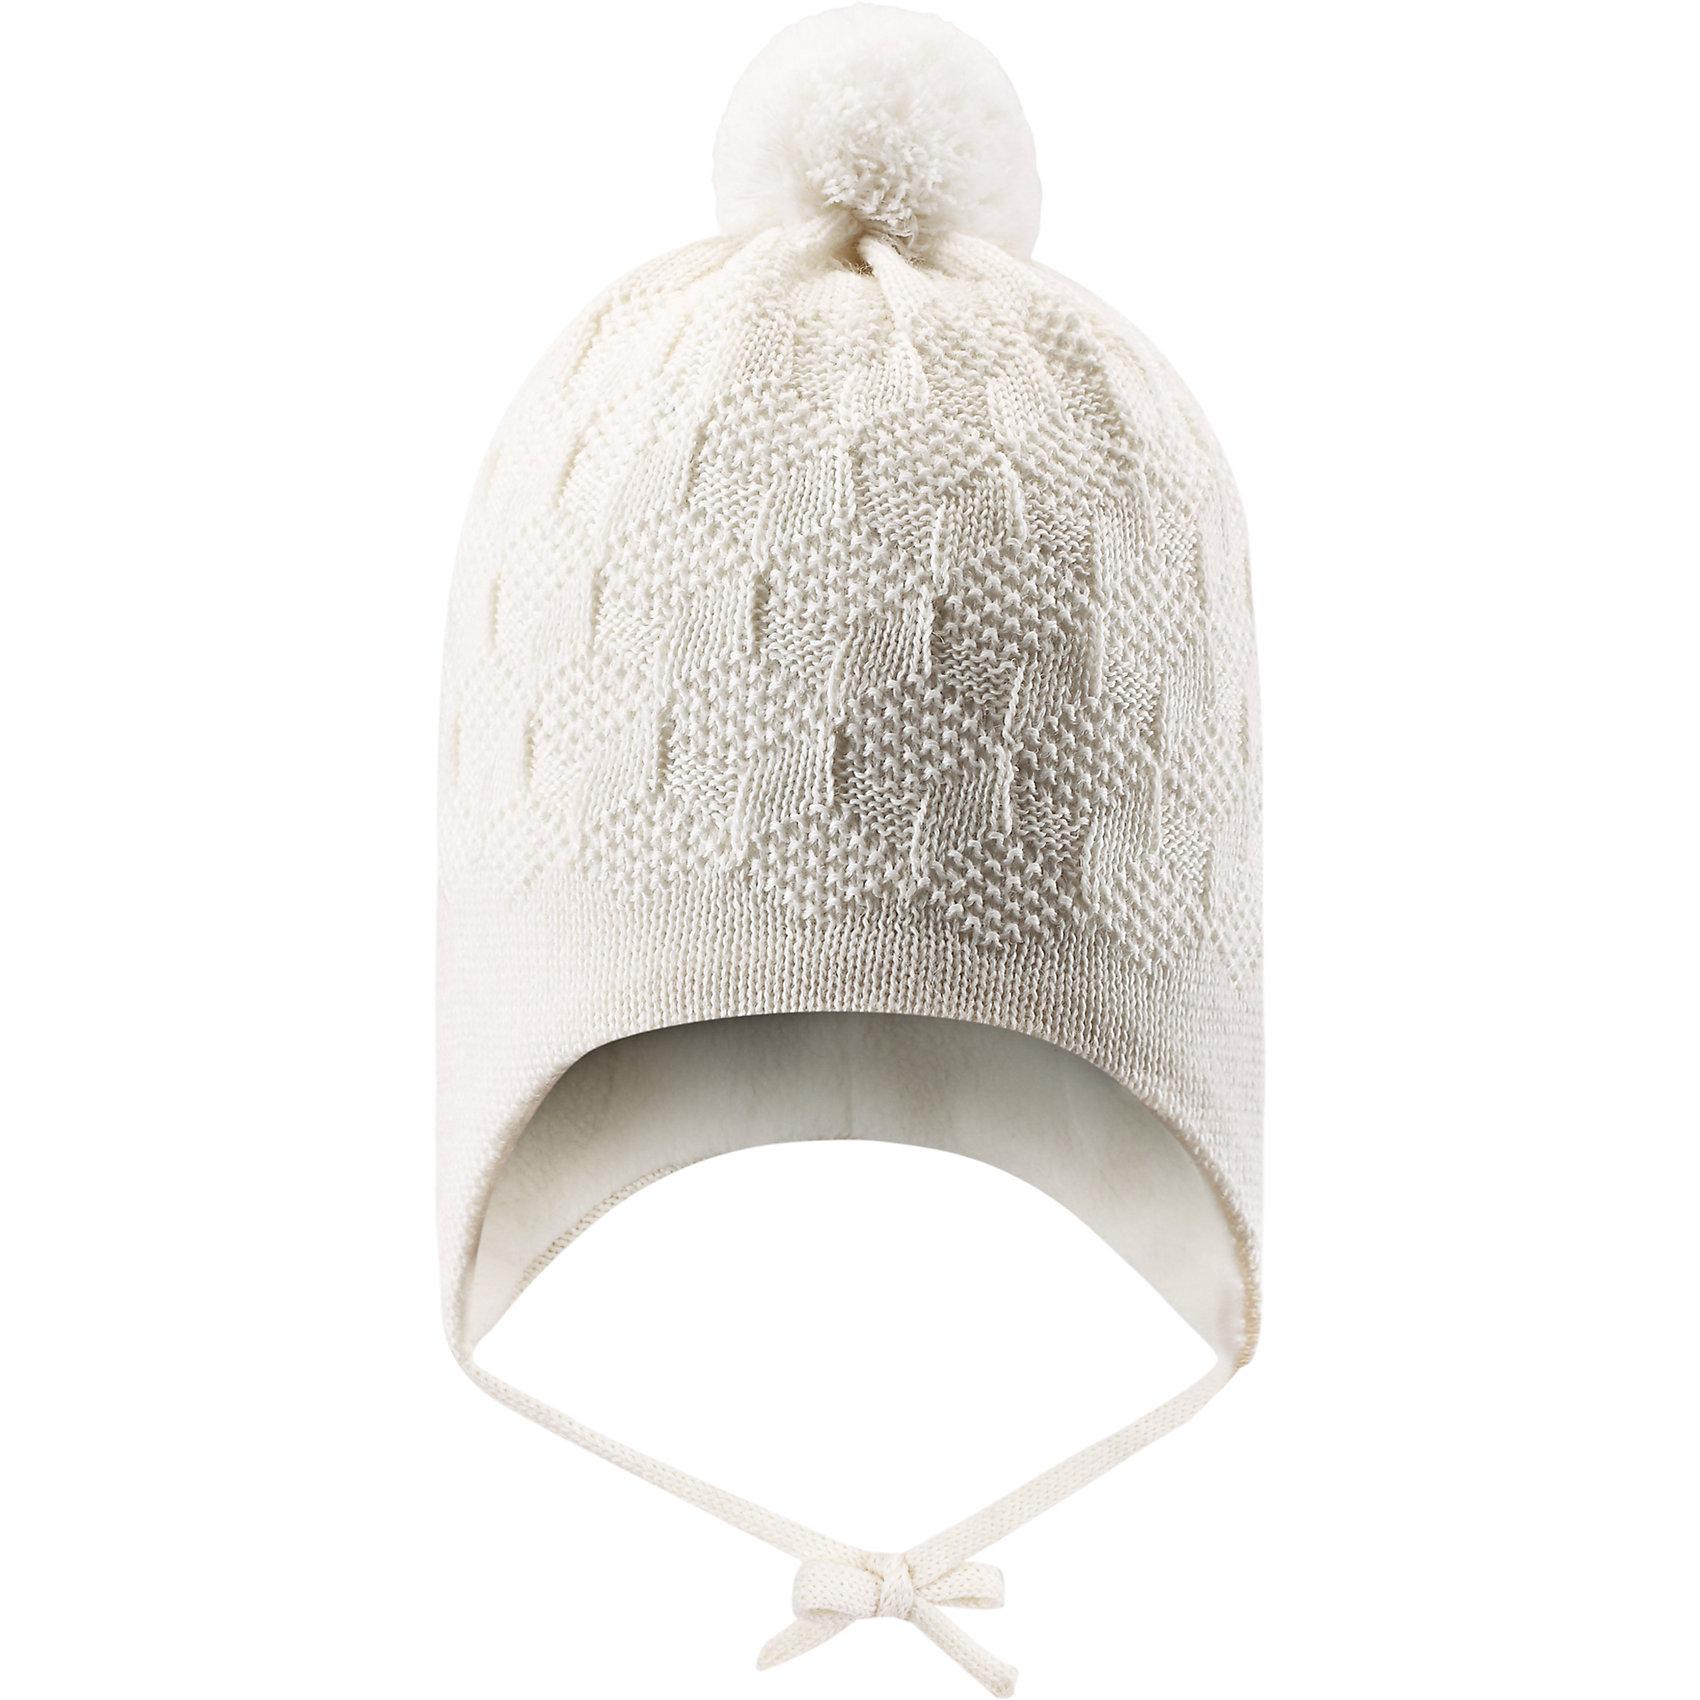 Шапка LASSIE by ReimaШапка от финской марки LASSIE by Reima (Ласси от Рейма).<br>Теплая зимняя полушерстяная шапка. Утеплитель флис. Ветронепроницаемые вставки в области ушей. Классическая вязанная структура. <br><br>Дополнительная информация:<br><br>Температурный режим -15<br>Состав: 50% Шерсть, 50% ПАН<br><br>Шапку LASSIE by Reima (Ласси от Рейма) можно купить в нашем магазине.<br><br>Ширина мм: 89<br>Глубина мм: 117<br>Высота мм: 44<br>Вес г: 155<br>Цвет: белый<br>Возраст от месяцев: 3<br>Возраст до месяцев: 6<br>Пол: Унисекс<br>Возраст: Детский<br>Размер: 42-44,46-48,50-52,44-46<br>SKU: 4218322